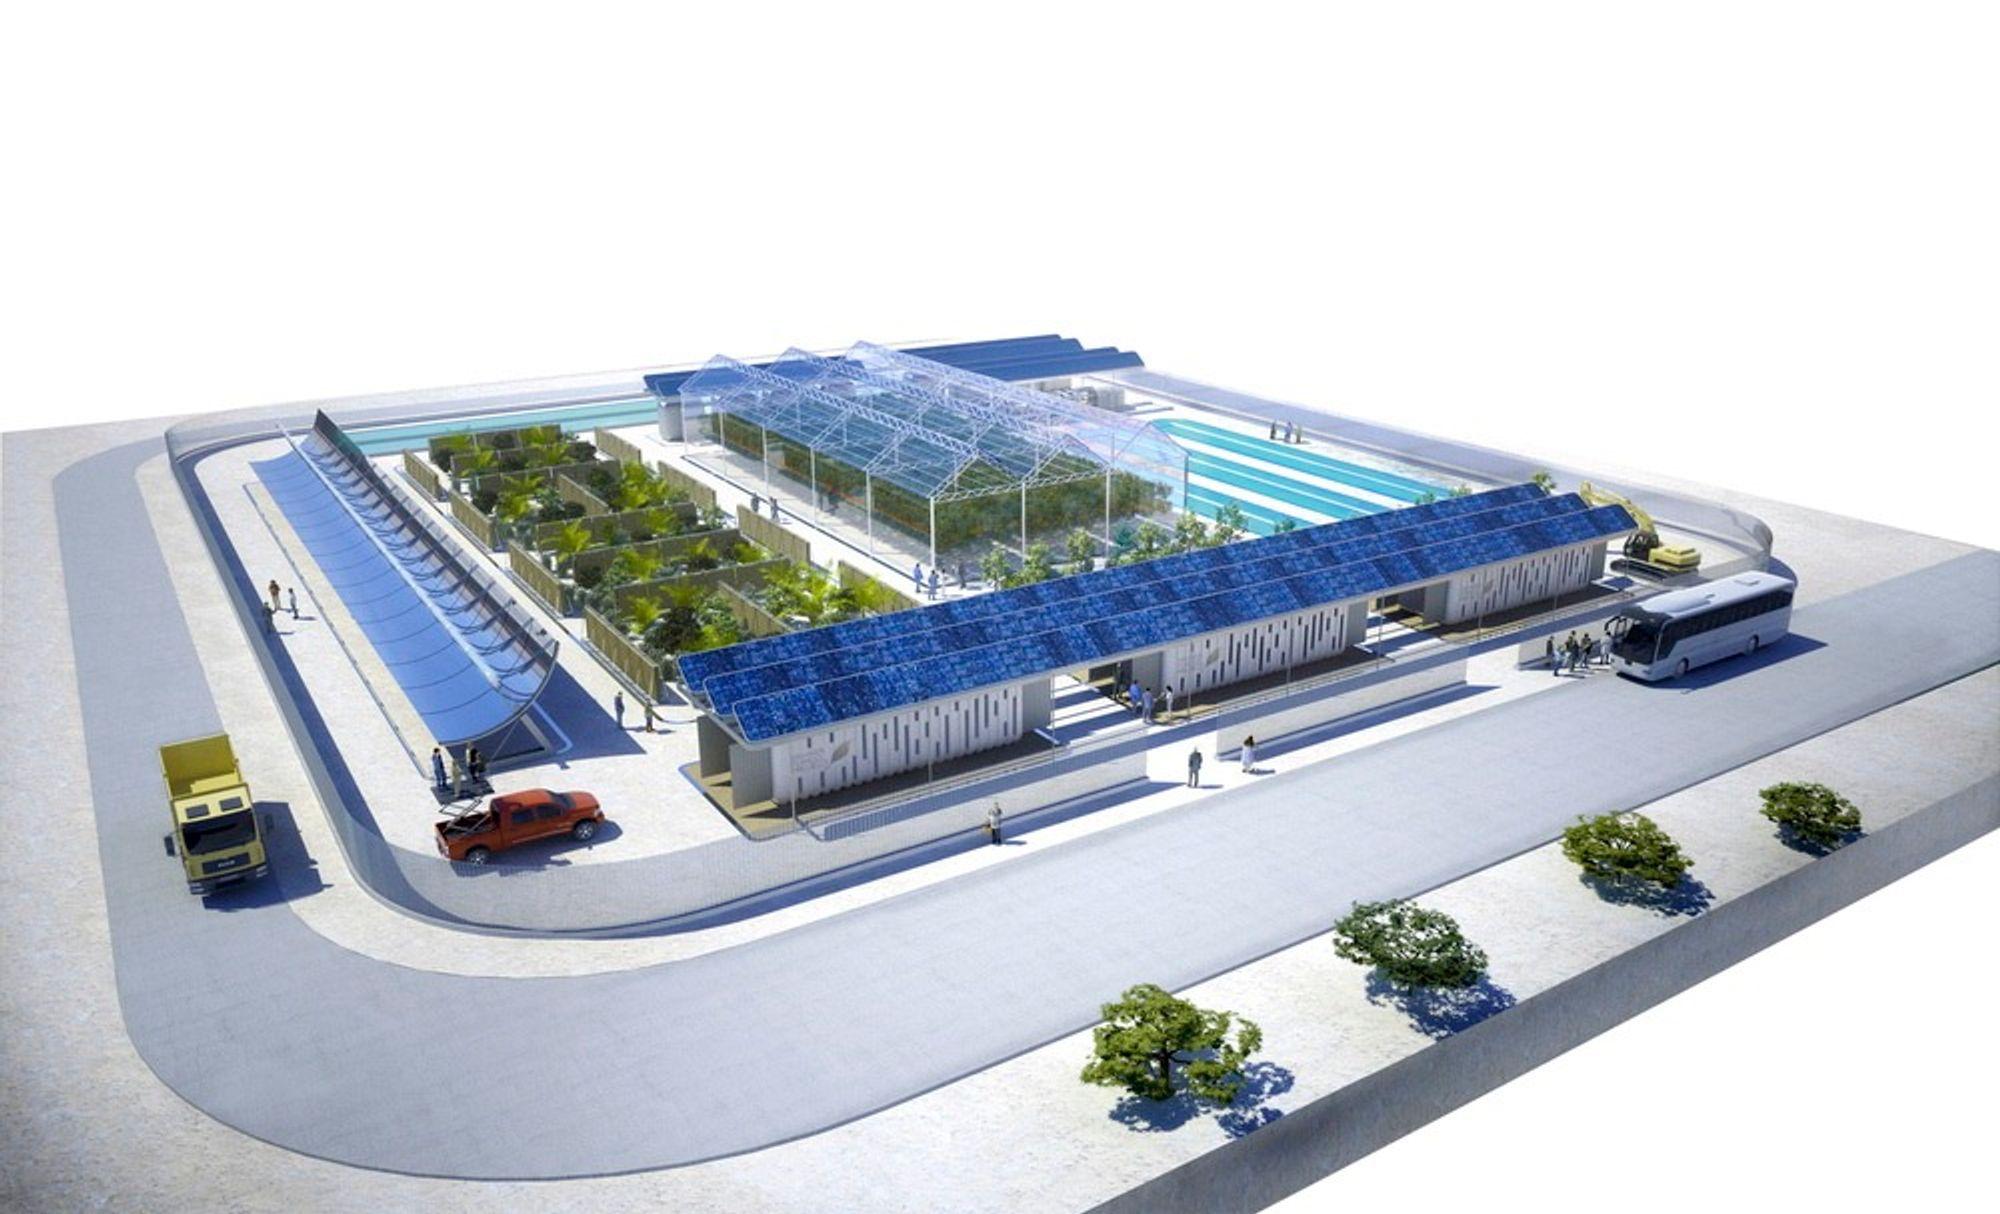 I anleggets spesielle drivhus skal saltvannet sørge for kjølige og gunstige vekstvilkår for grønnsaker.